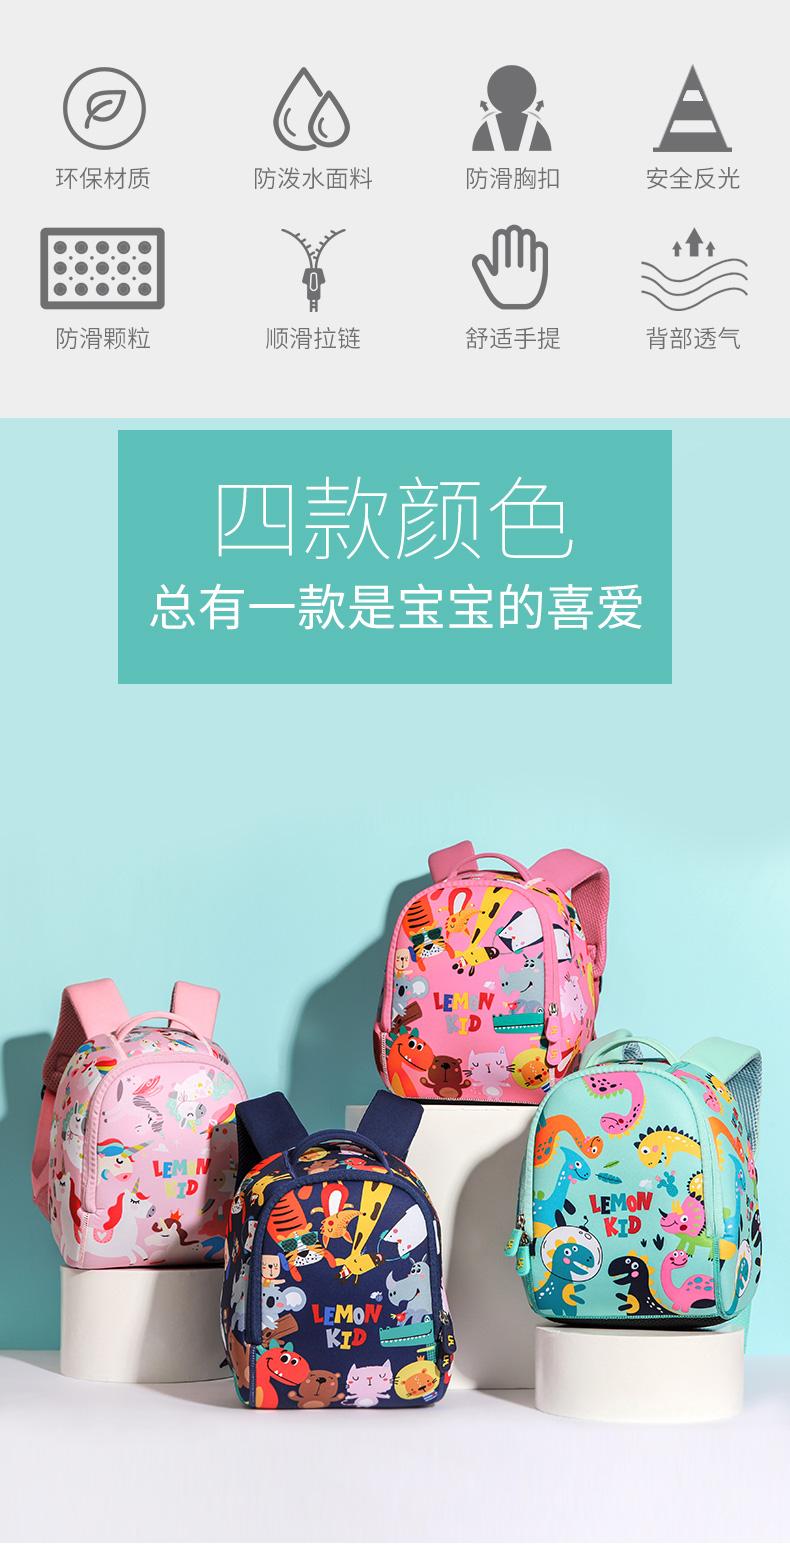 【柠檬宝宝】韩版动物儿童背包 3